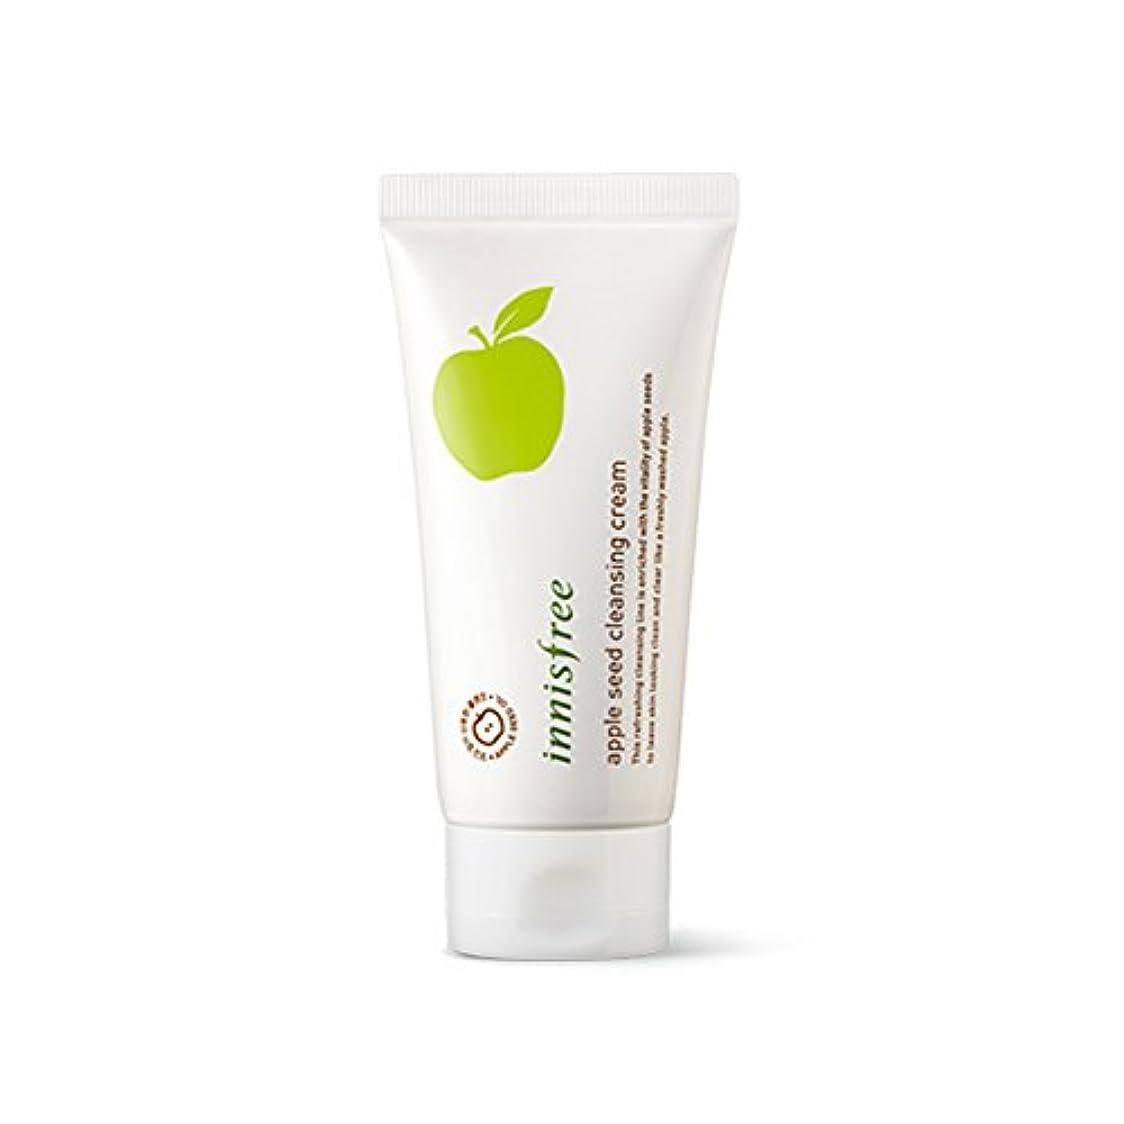 なかなか甘味実質的にイニスフリーアップルシードクレンジングクリーム150ml / Innisfree Apple Seed Cleansing Cream 150ml [海外直送品][並行輸入品]